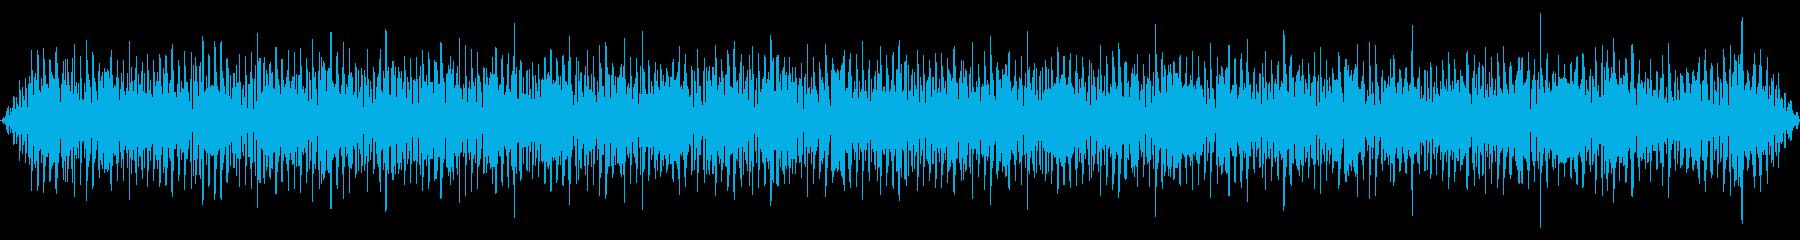 バス停車中(子供のしゃべる声がする)の再生済みの波形